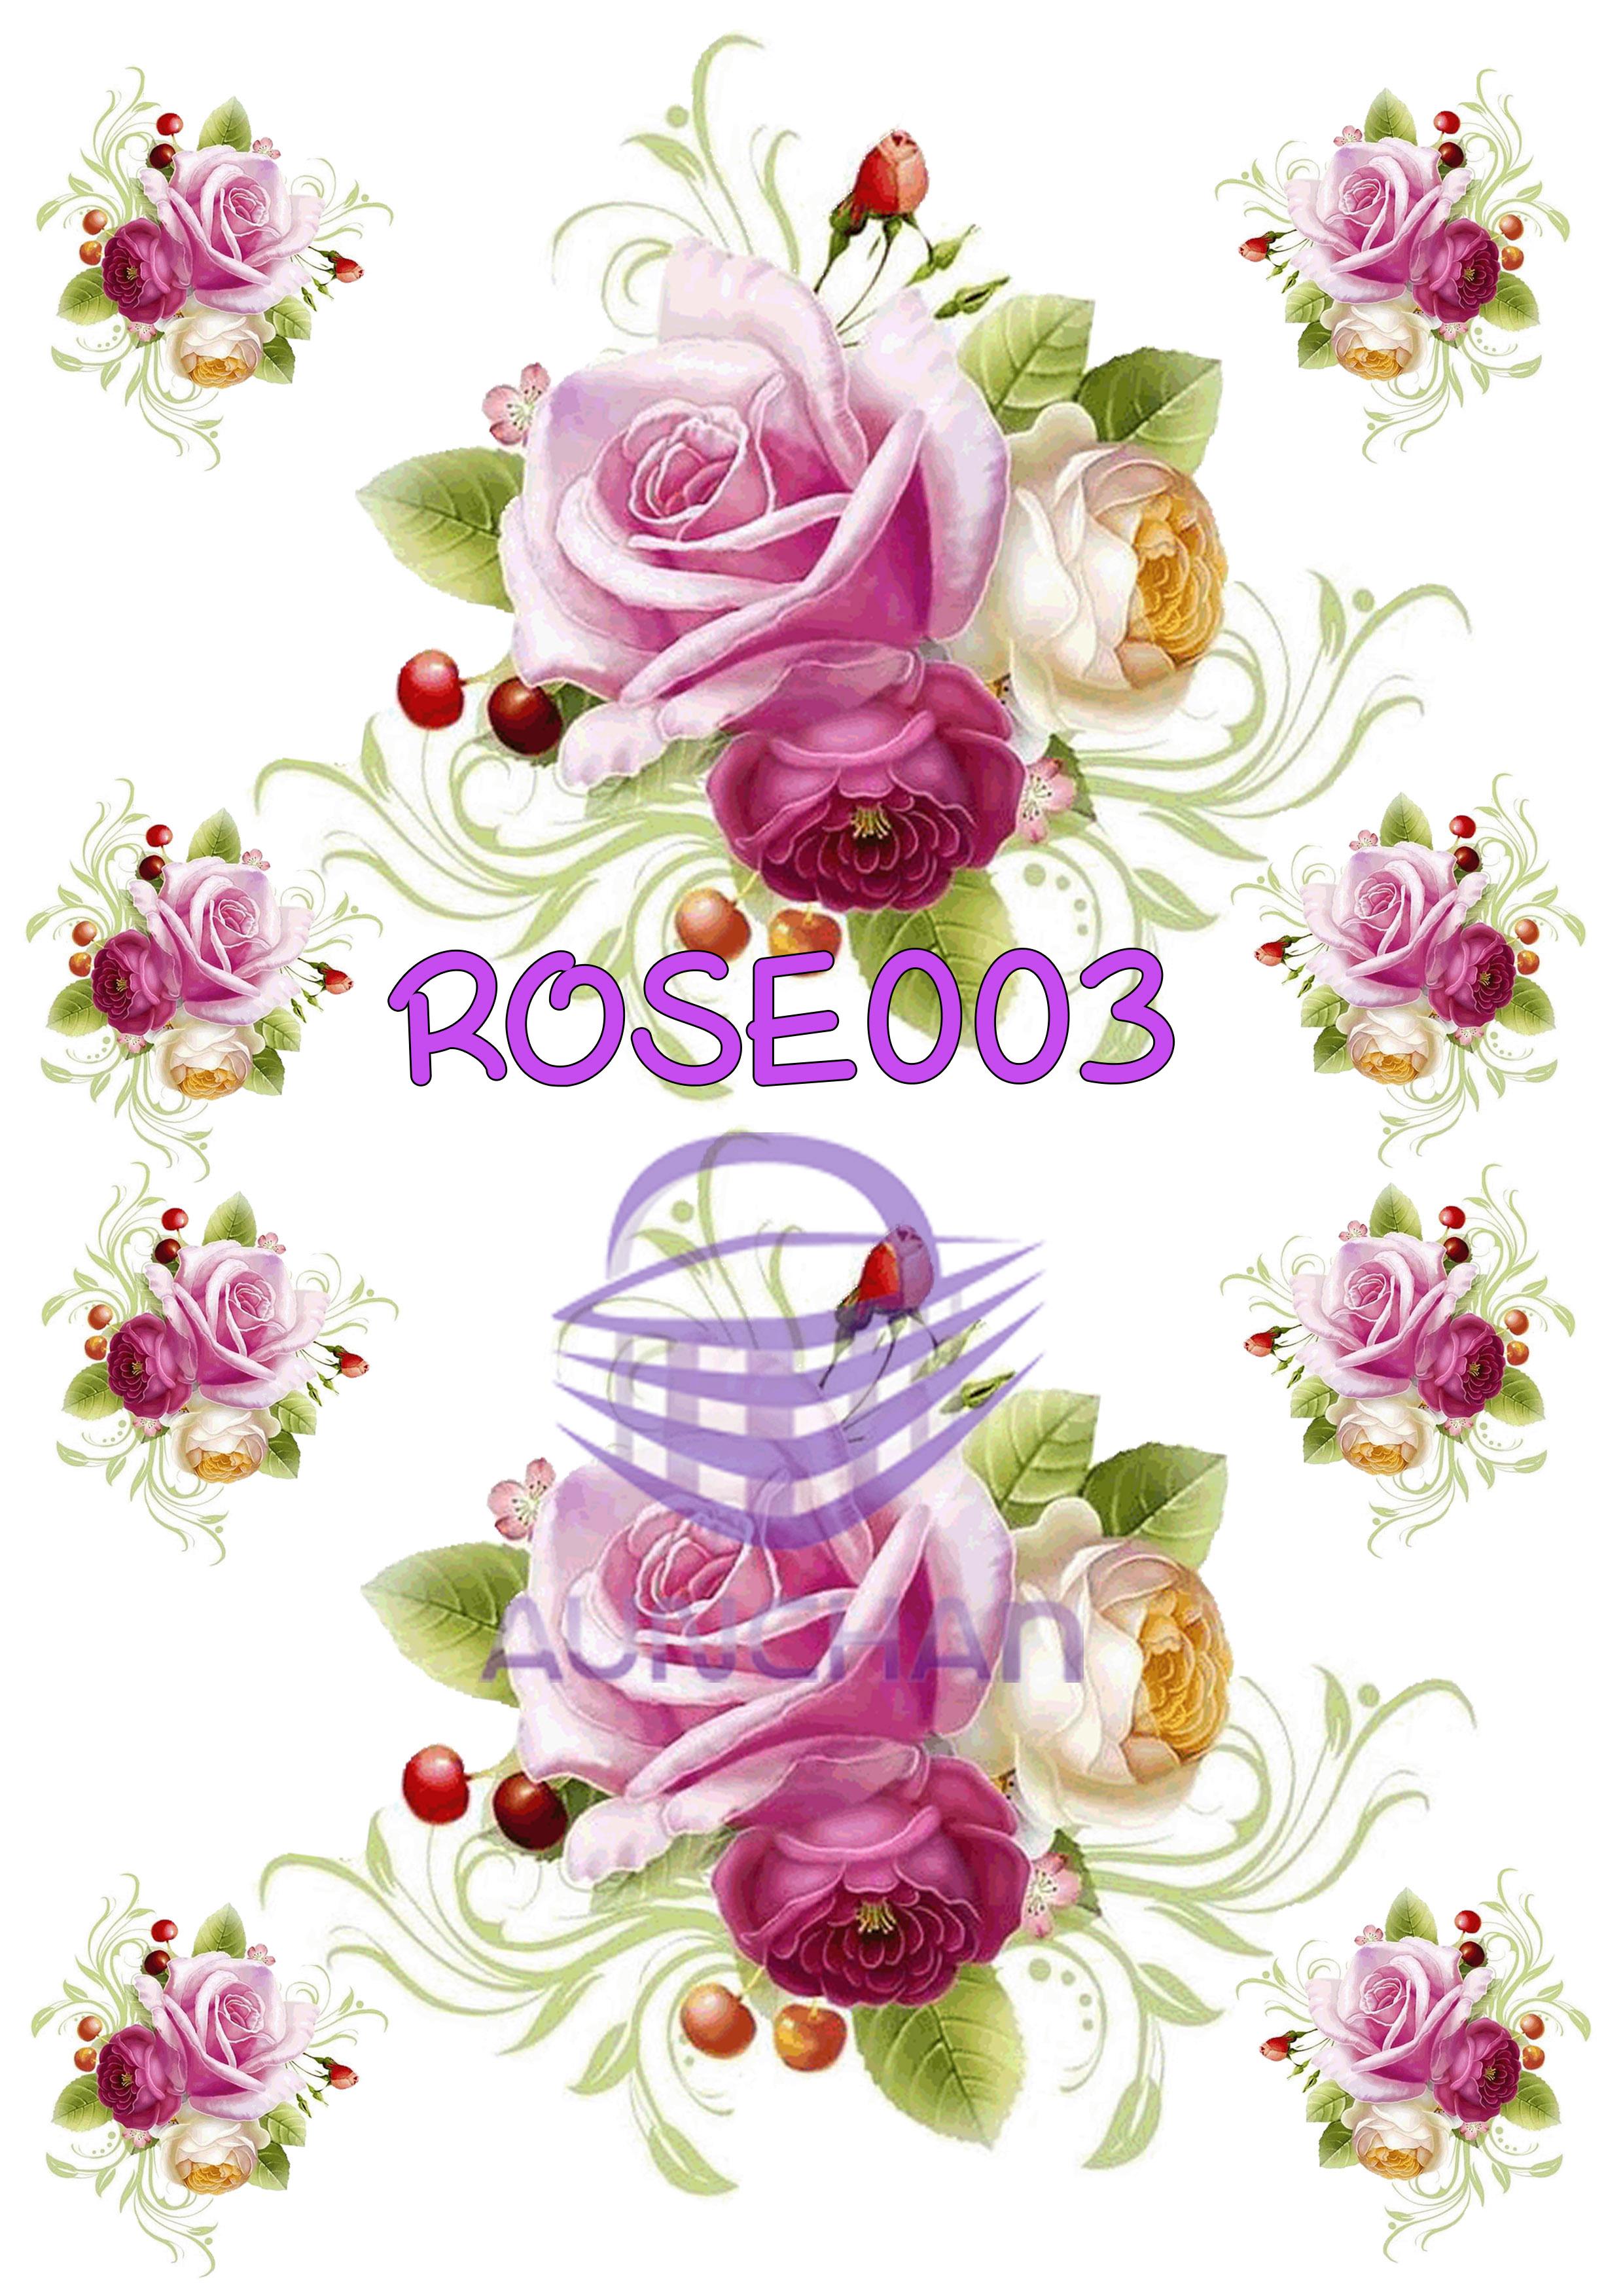 ROSE003 กระดาษแนพกิ้น 21x30ซม. ลายกุหลาบ